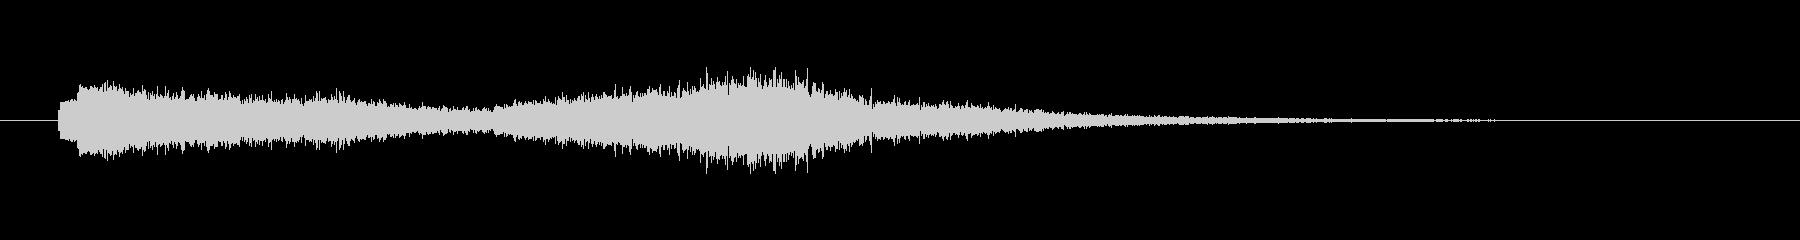 ポロンシュワー(清涼感の電子音)の未再生の波形